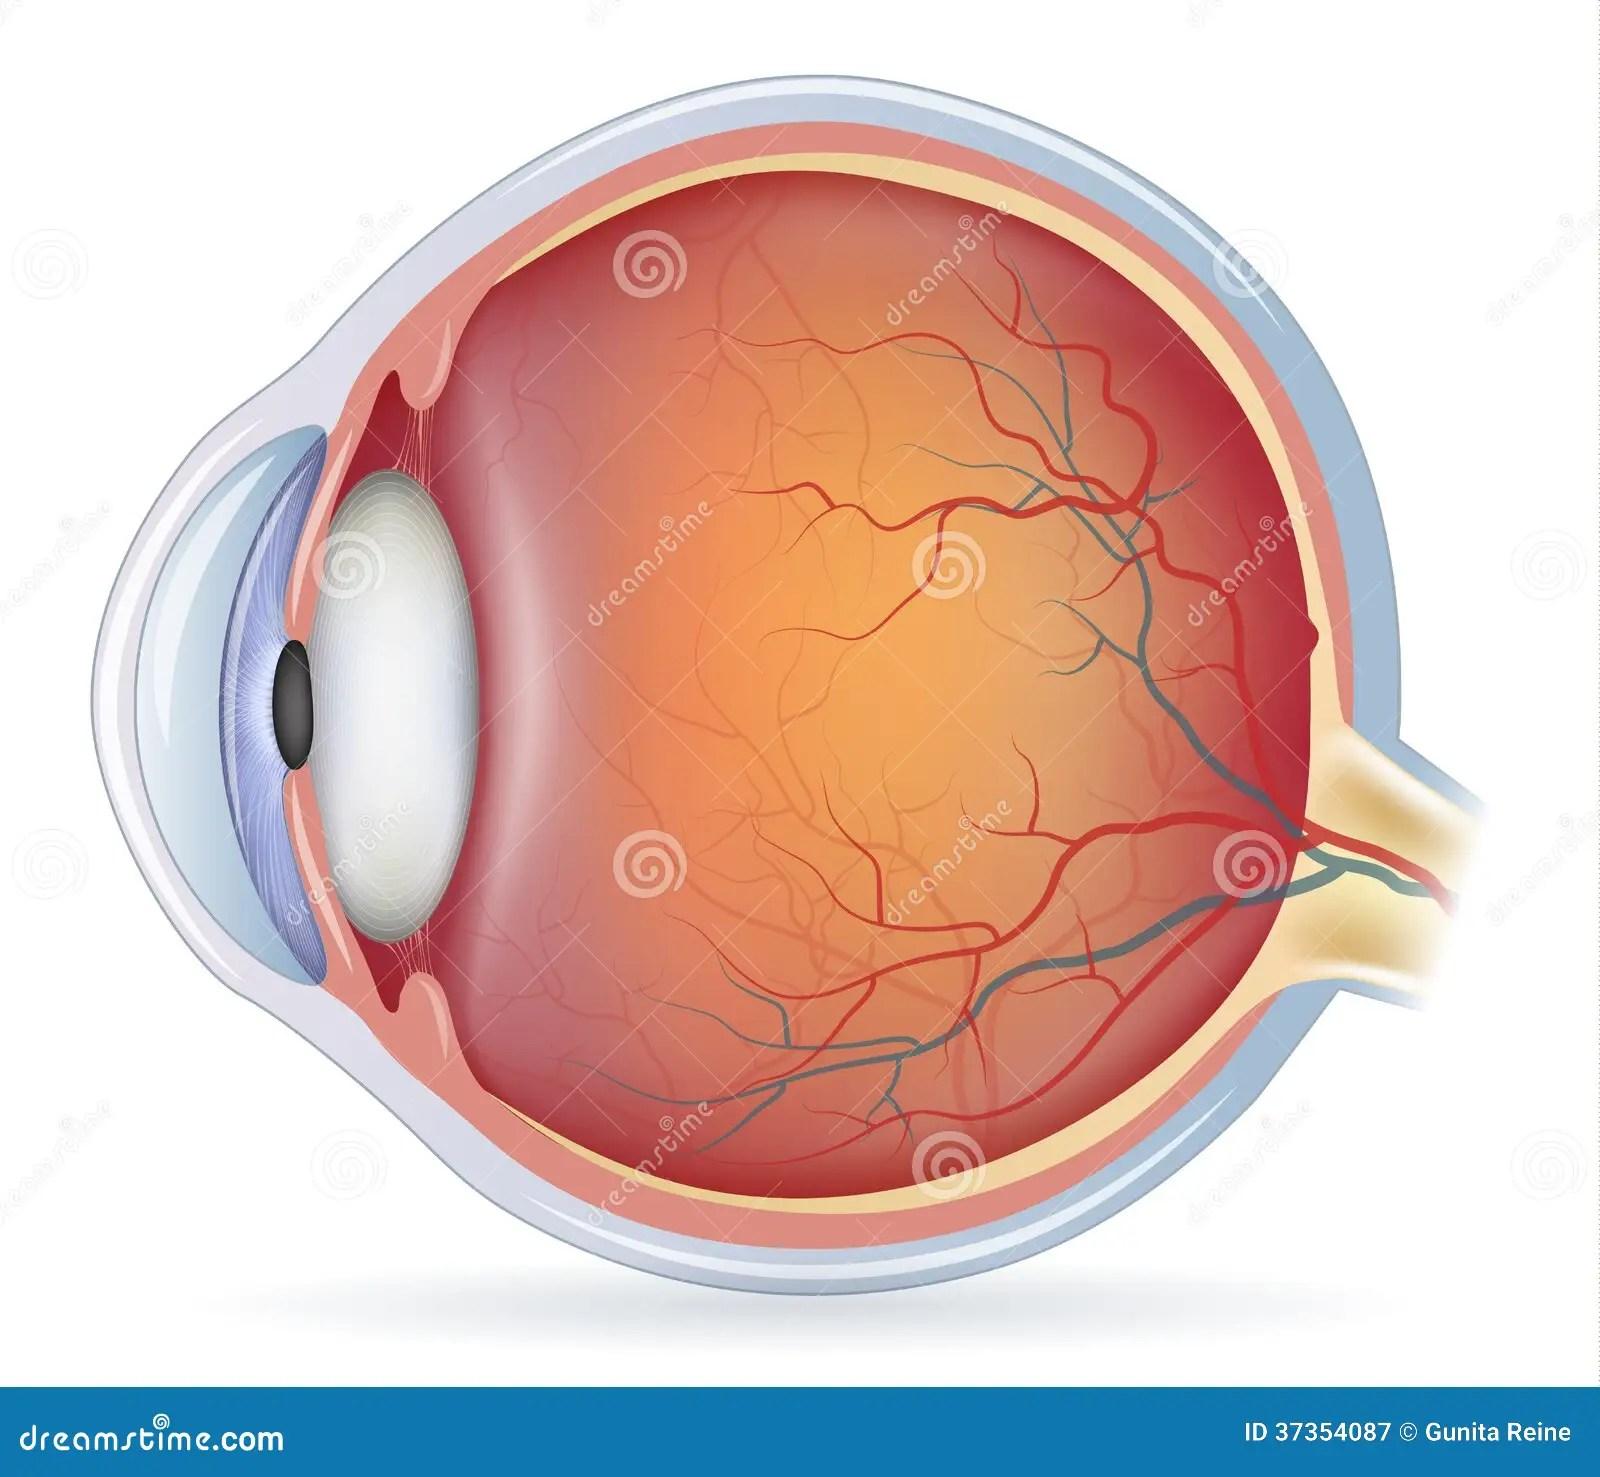 human eye diagram unlabeled how to do a sankey anatomia dell 39occhio umano illustrazione vettoriale